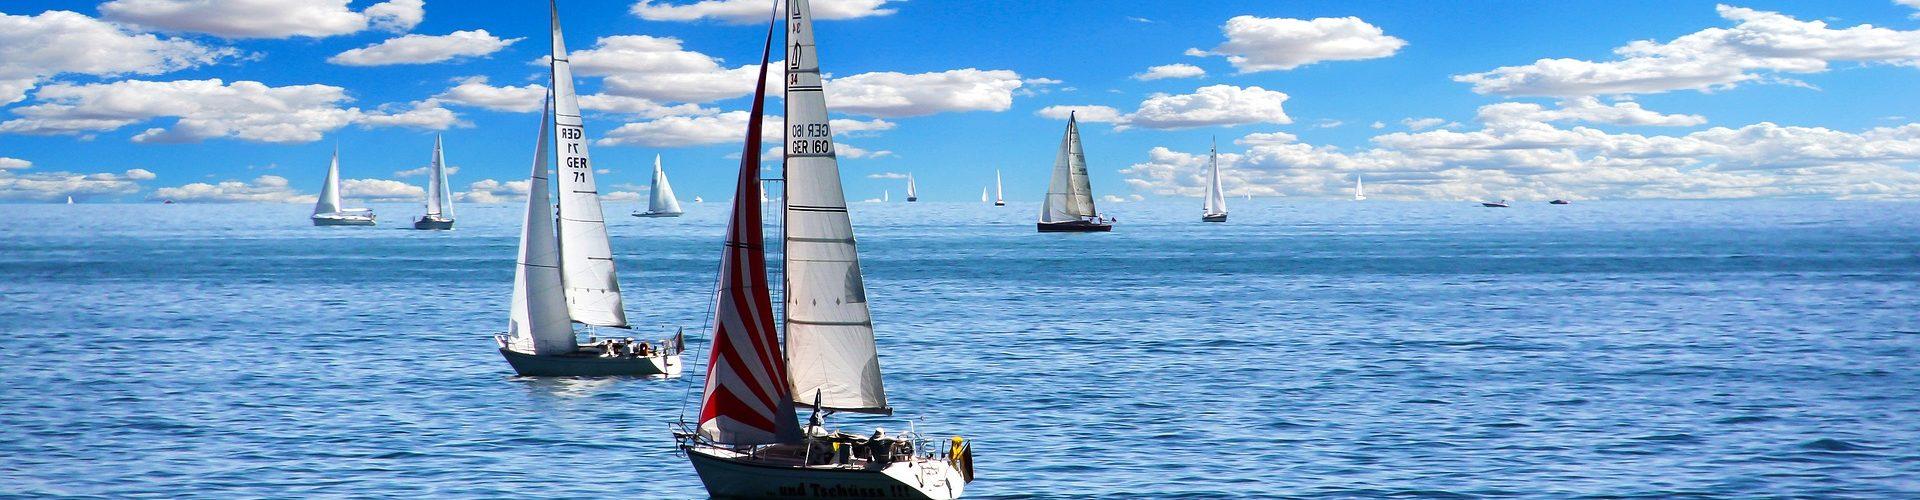 segeln lernen in Hohentengen am Hochrhein segelschein machen in Hohentengen am Hochrhein 1920x500 - Segeln lernen in Hohentengen am Hochrhein